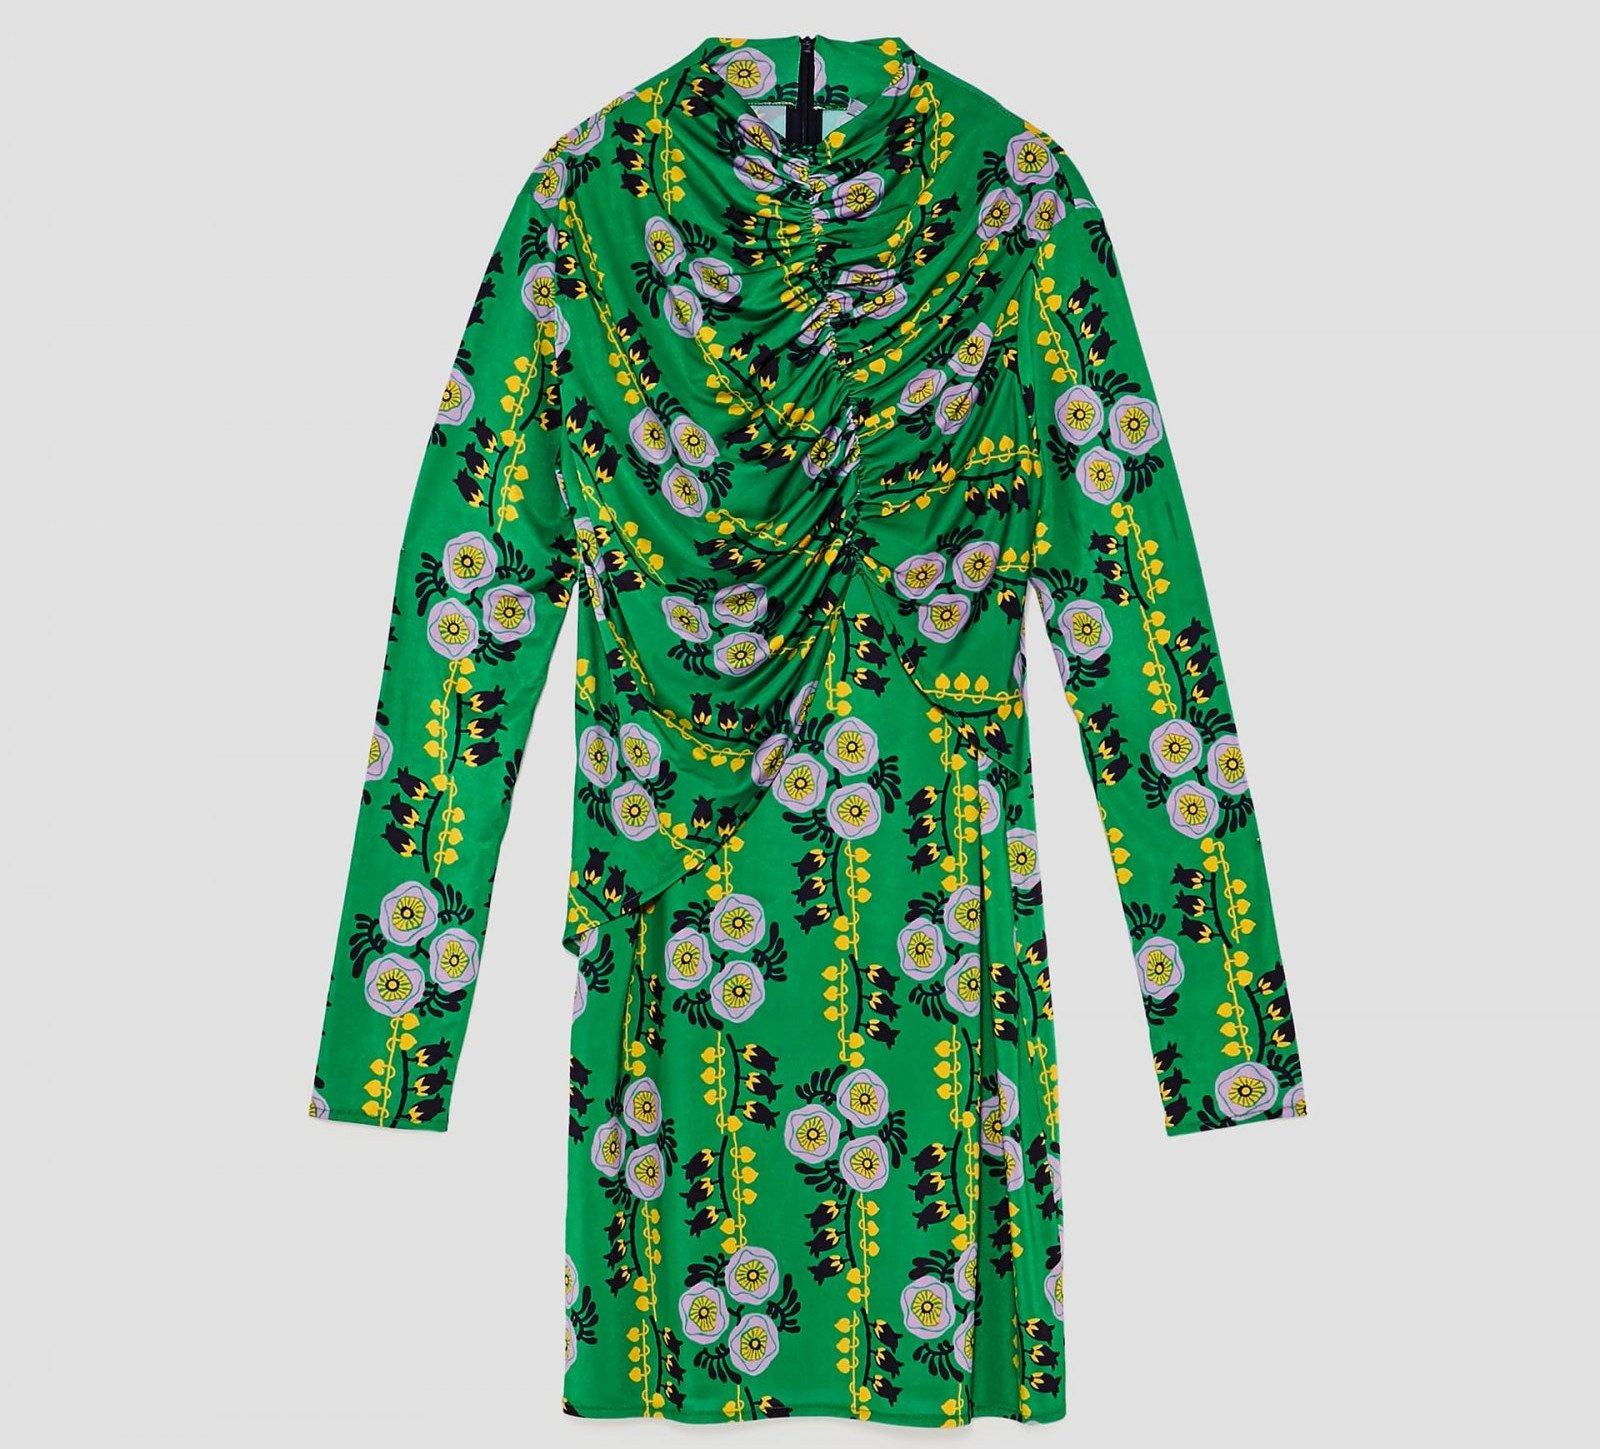 Vestido drapeado de color verde y estampado floral de Zara, por 7,99 euros (antes 25,95)